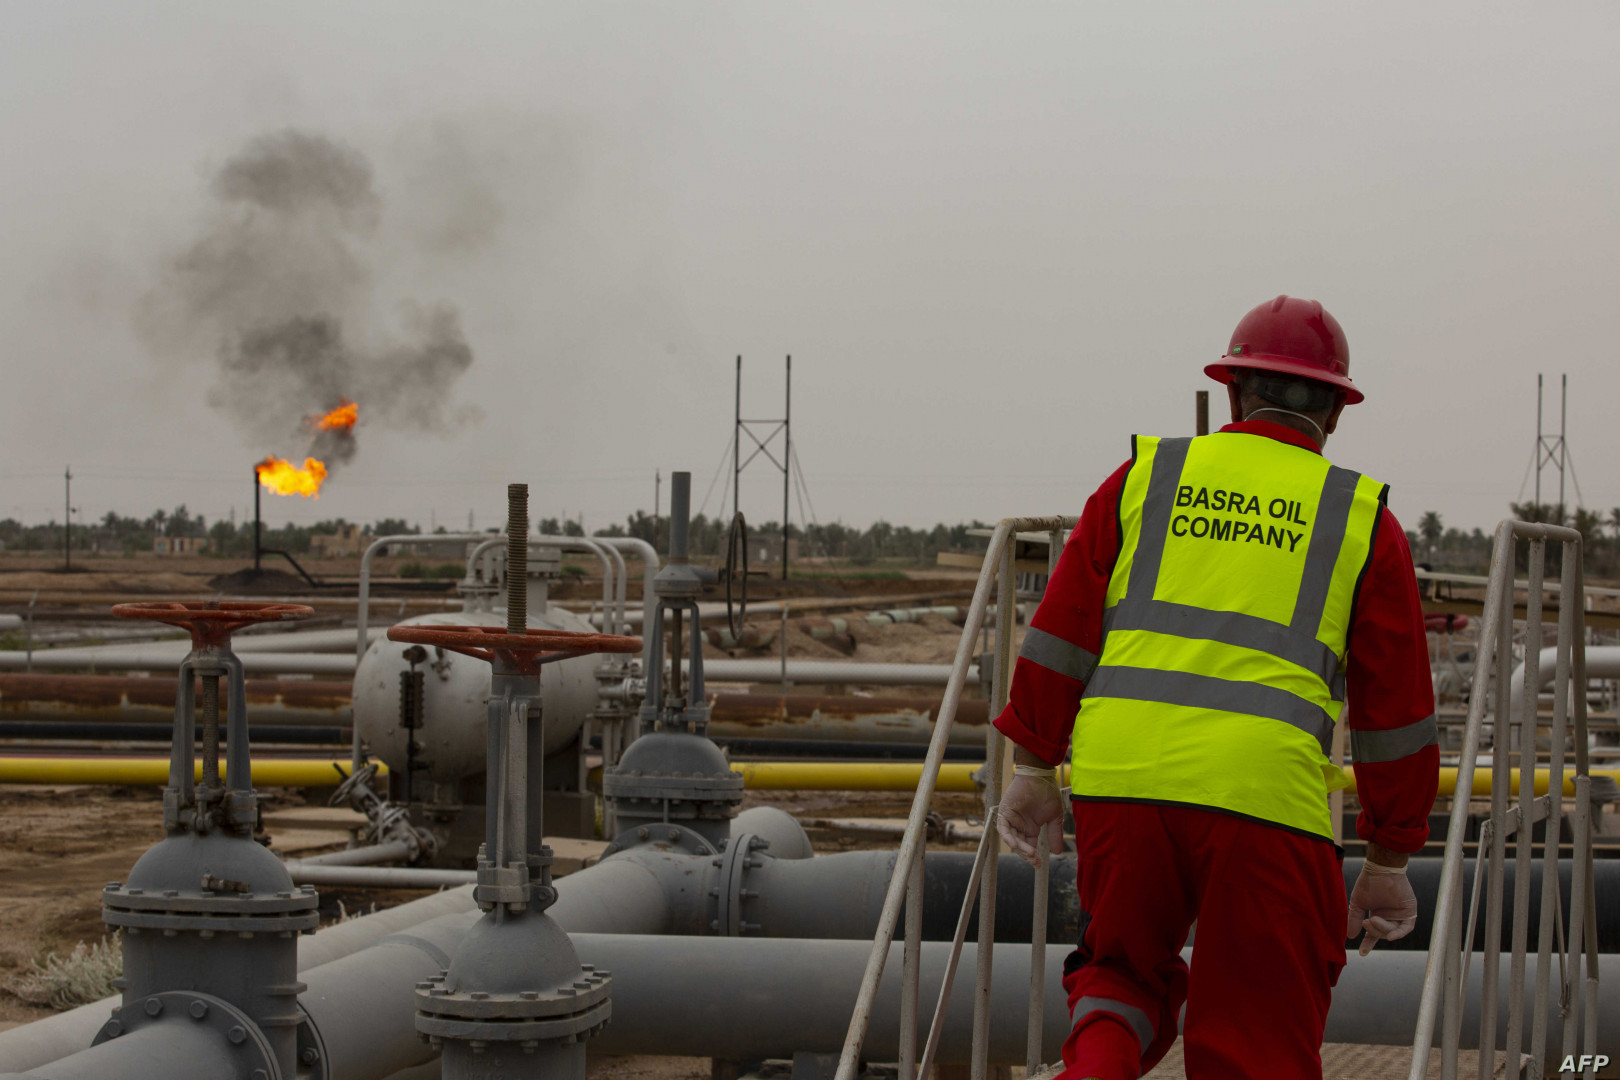 Basra light drops, other OPEC crudes climbs